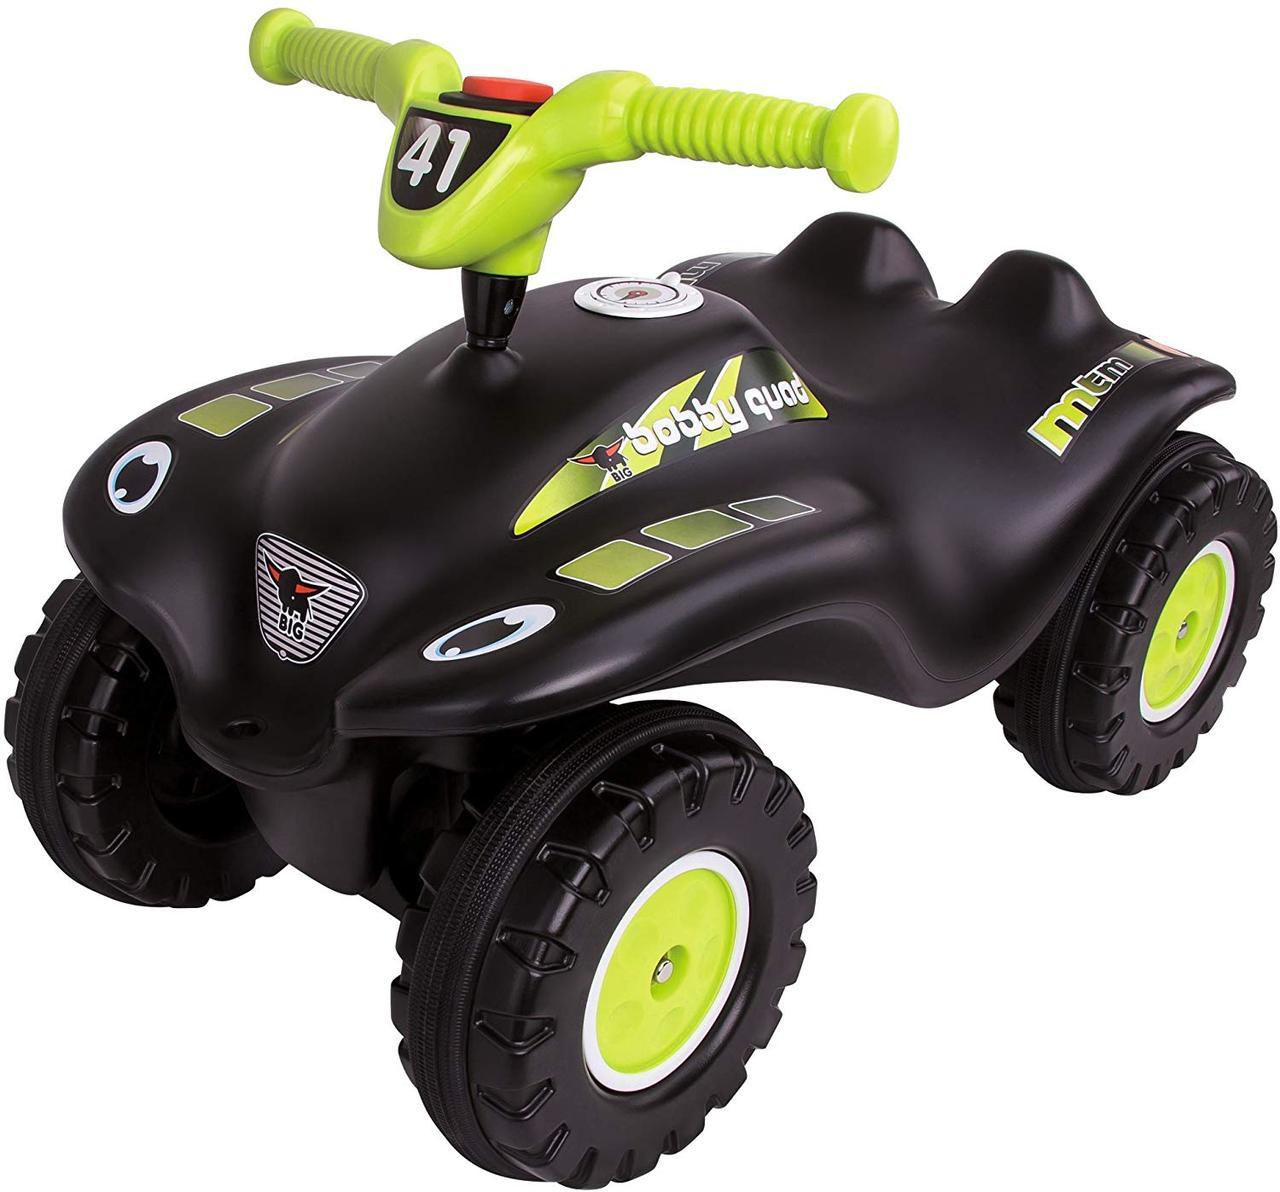 Машинка Big каталка Квадроцикл для гонок и защитные накладки для детской обуви Bobby Quad Racing 56410